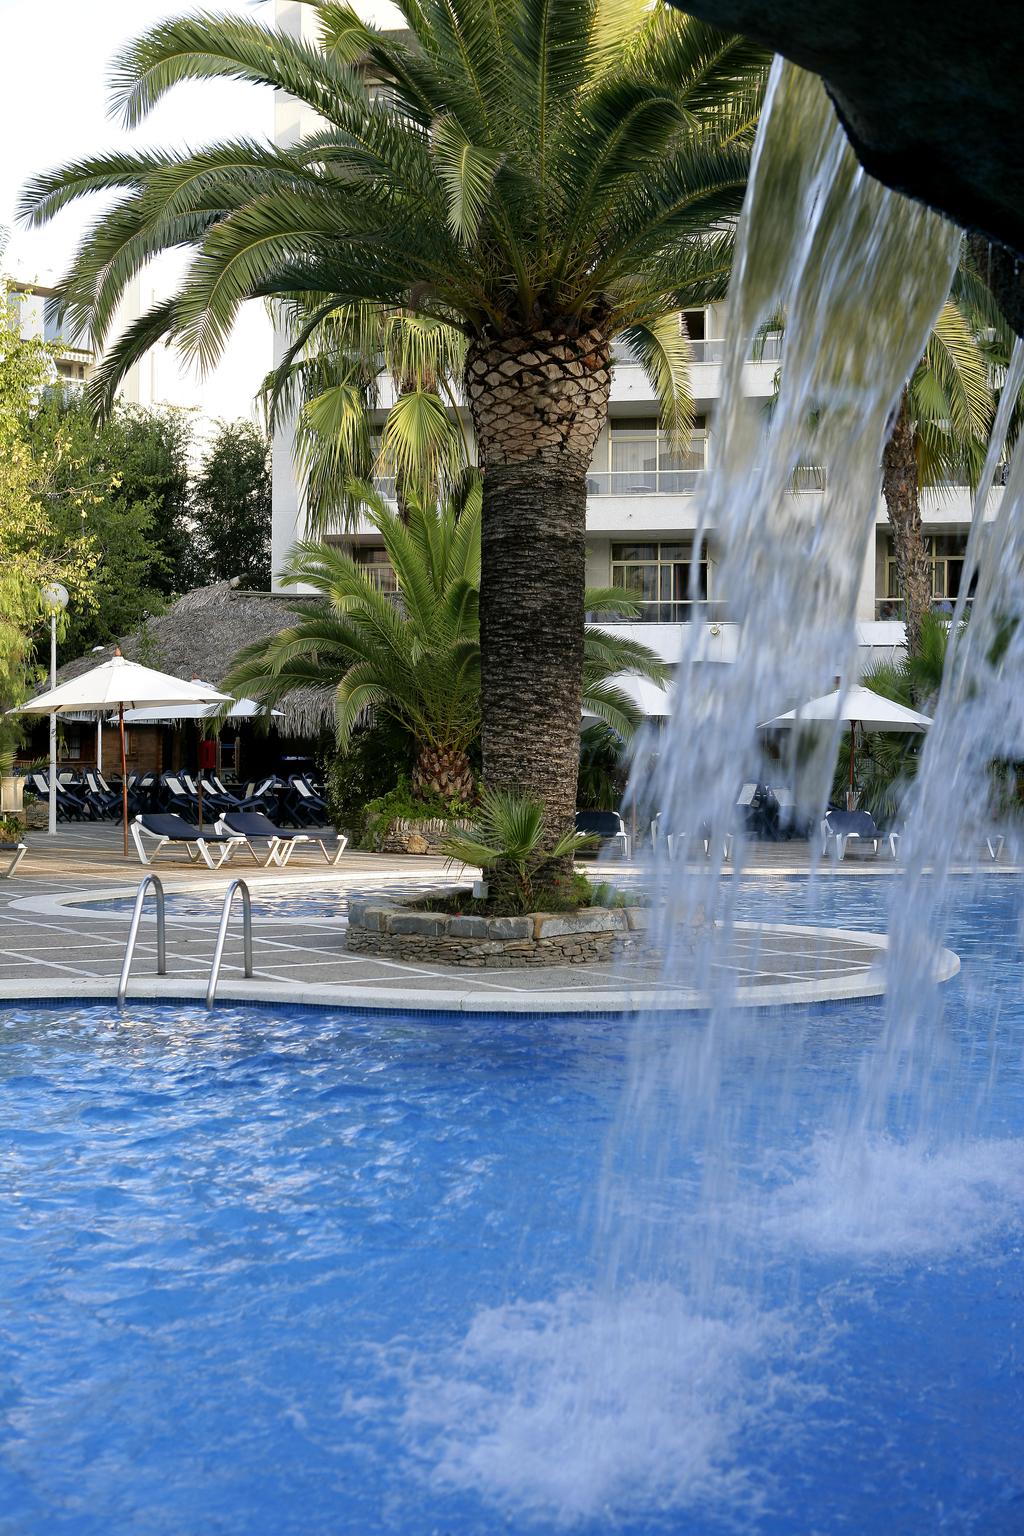 Hotel h10 salou princess salou spanien - Piscinas vilaseca ...